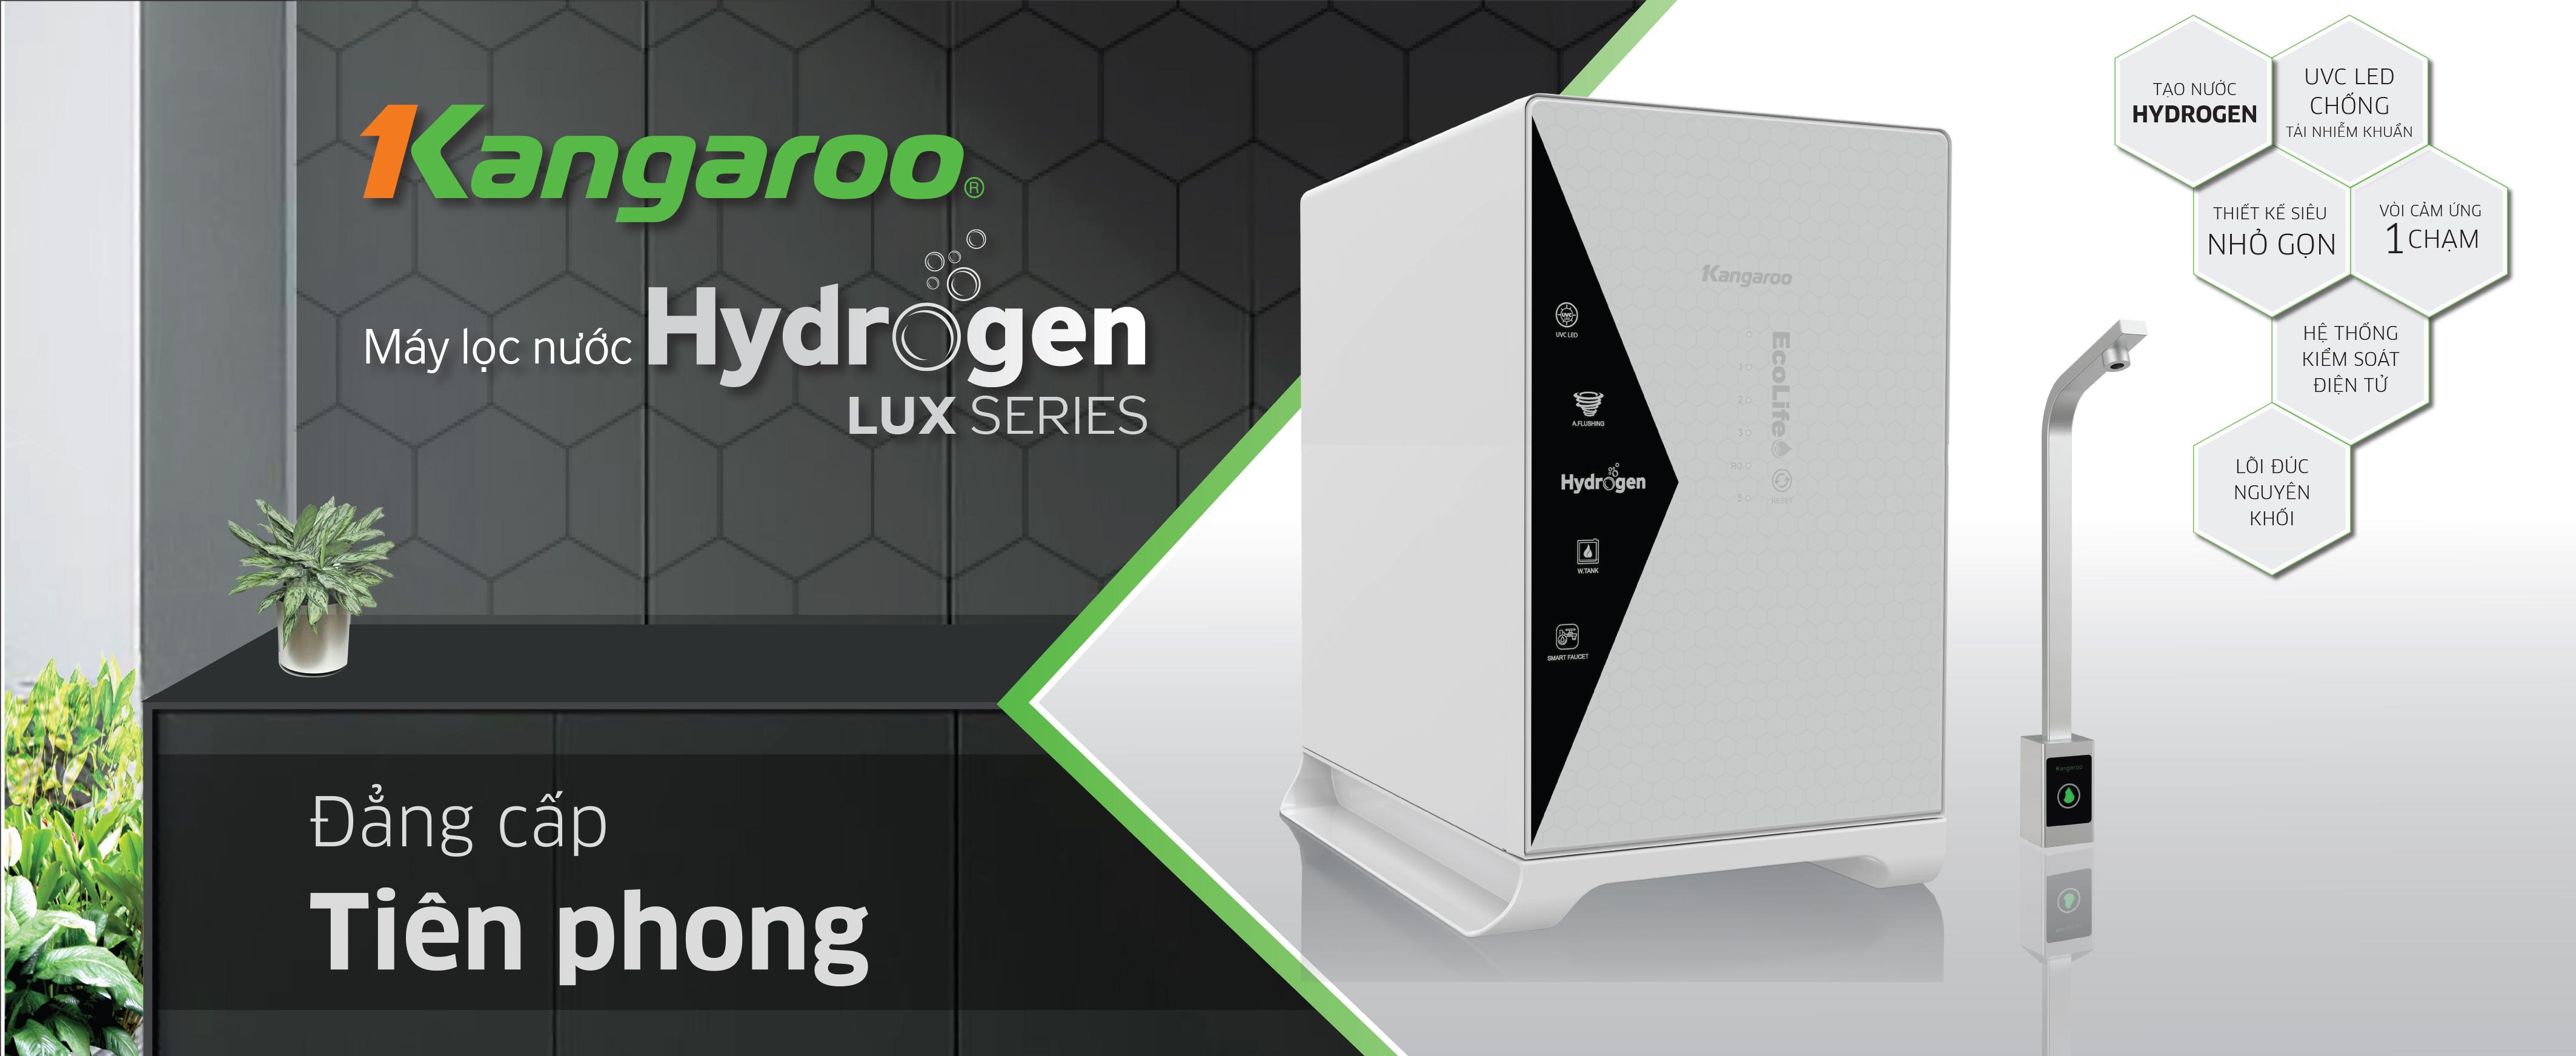 Máy lọc nước Hydrogen Lux với thiết kế nhỏ gon và tiện dụng